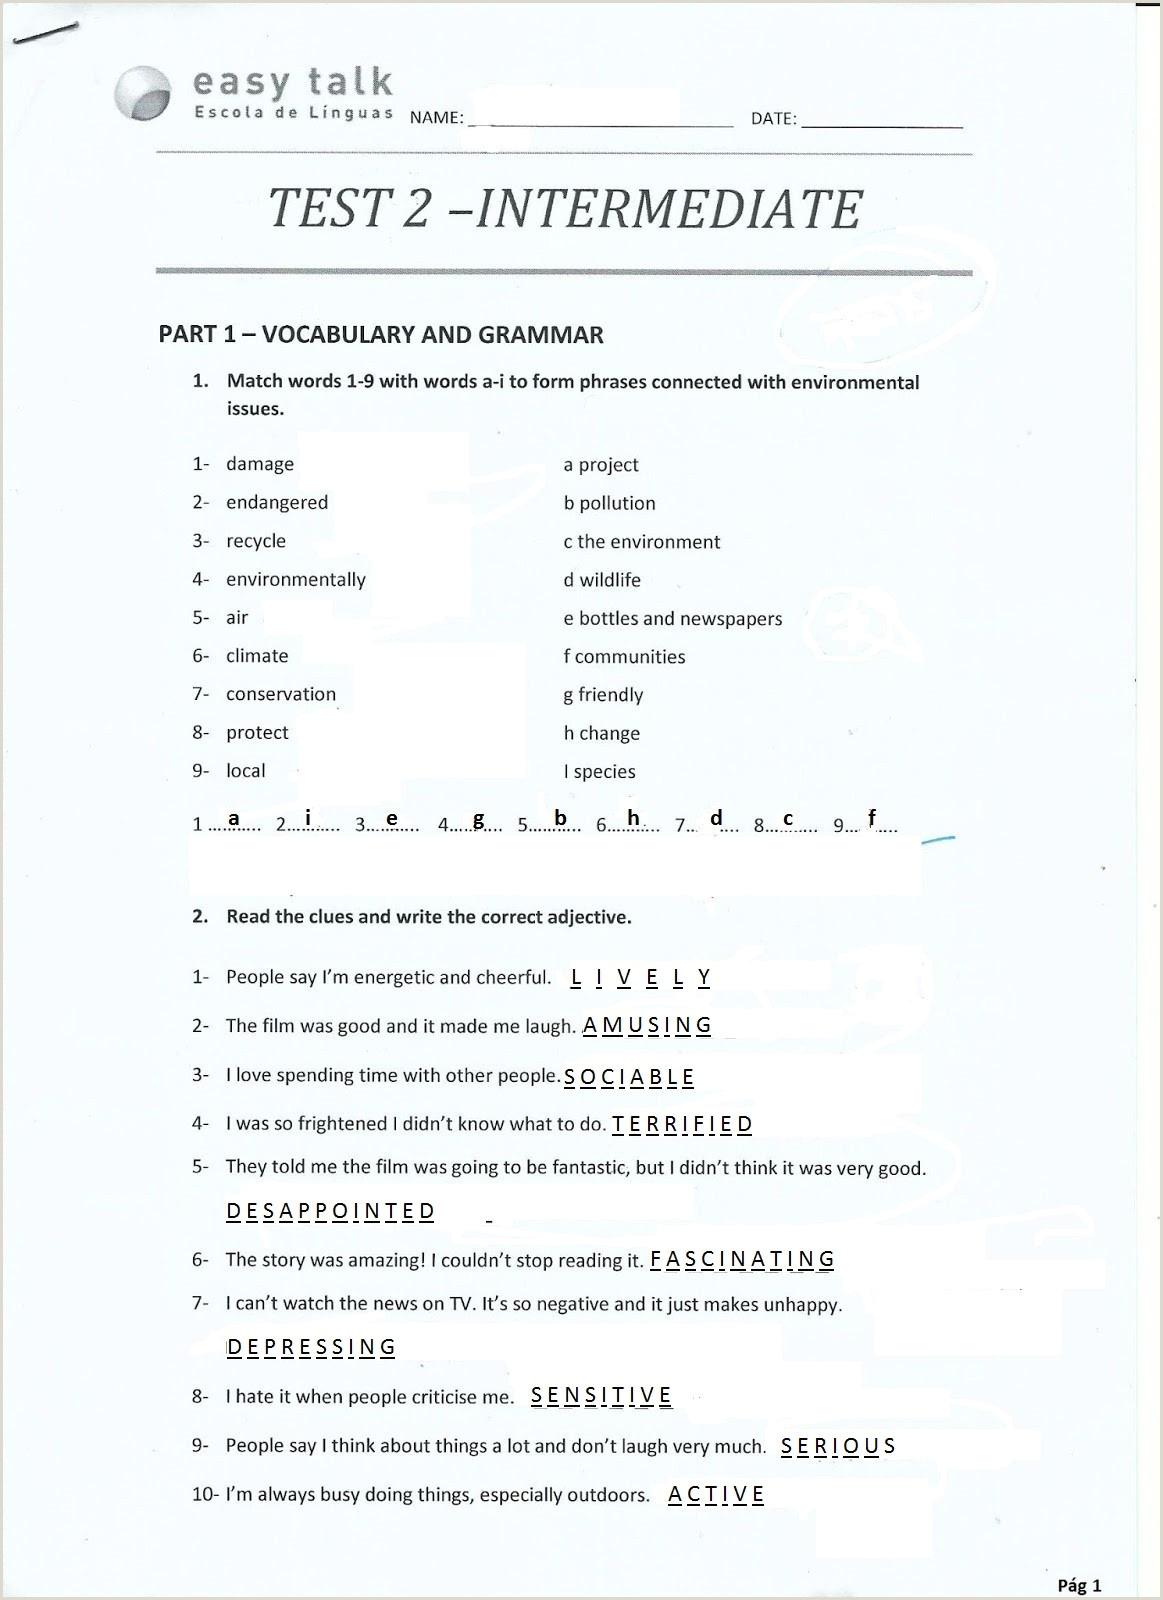 Lebenslauf Reiseleiter Muster Lebenslauf Persönliche Daten 39teste Prepara‡Æ'o